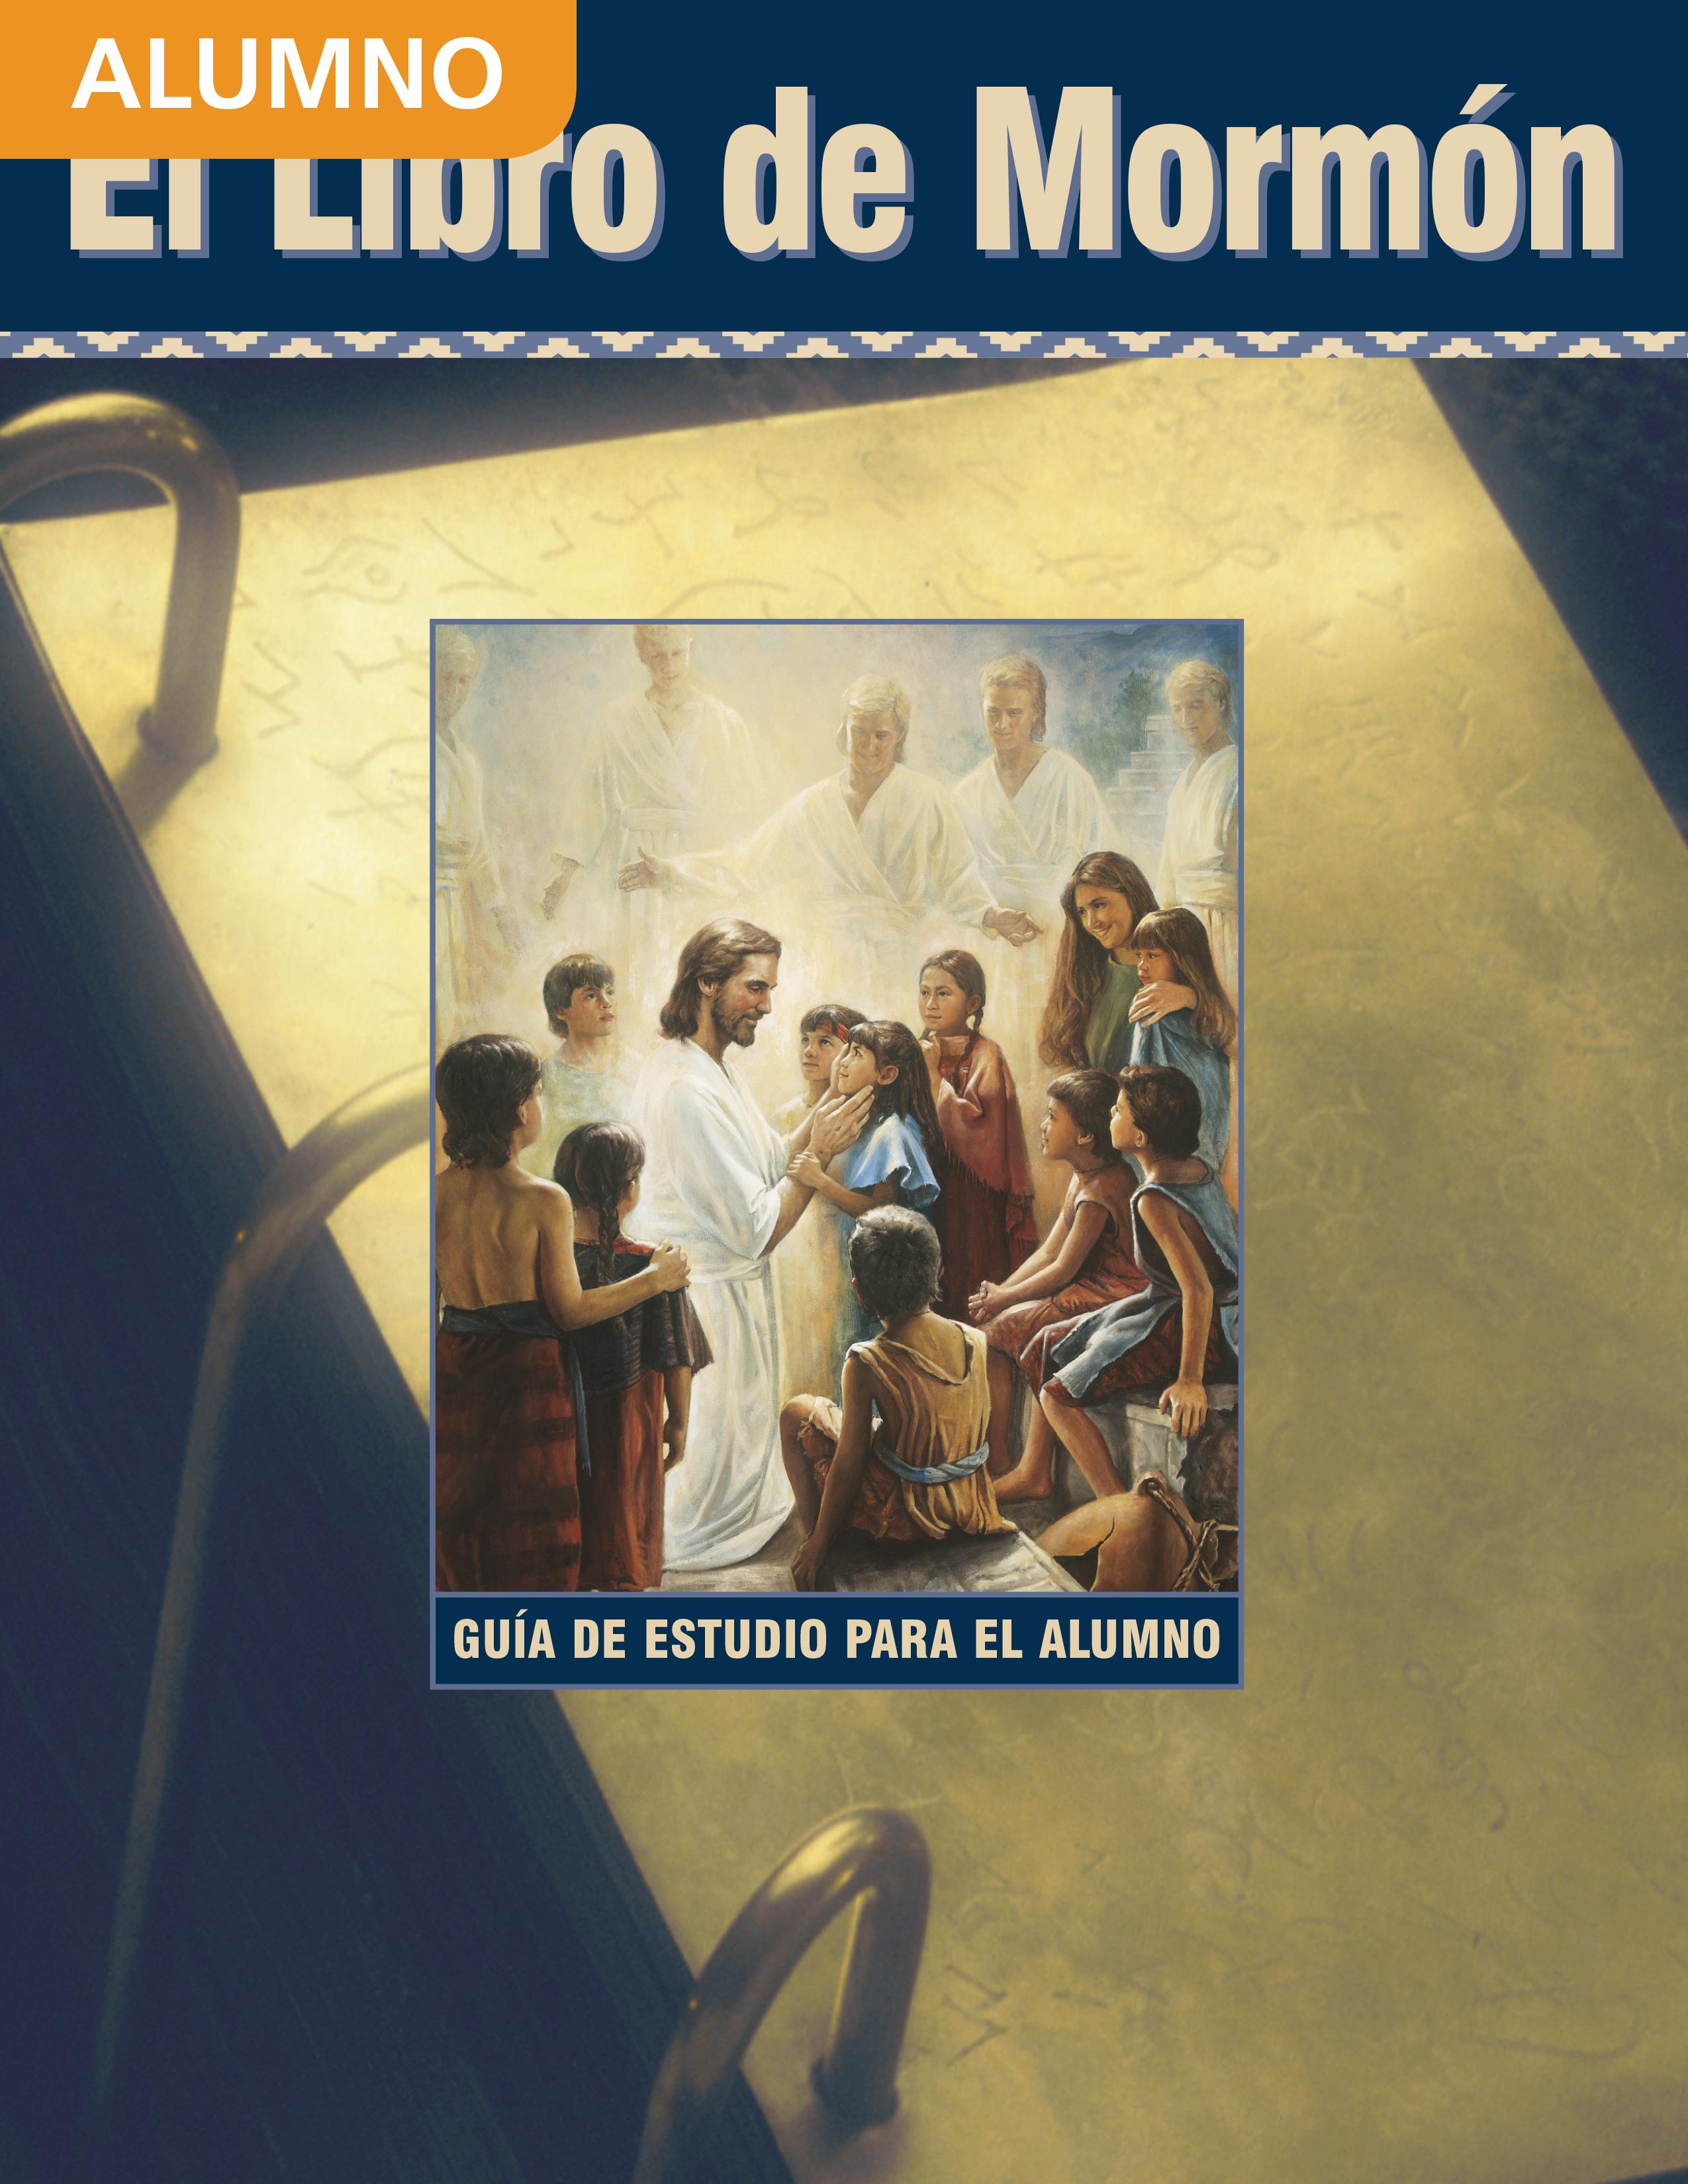 El Libro de Mormón: Guía de estudio para el alumno de Seminario